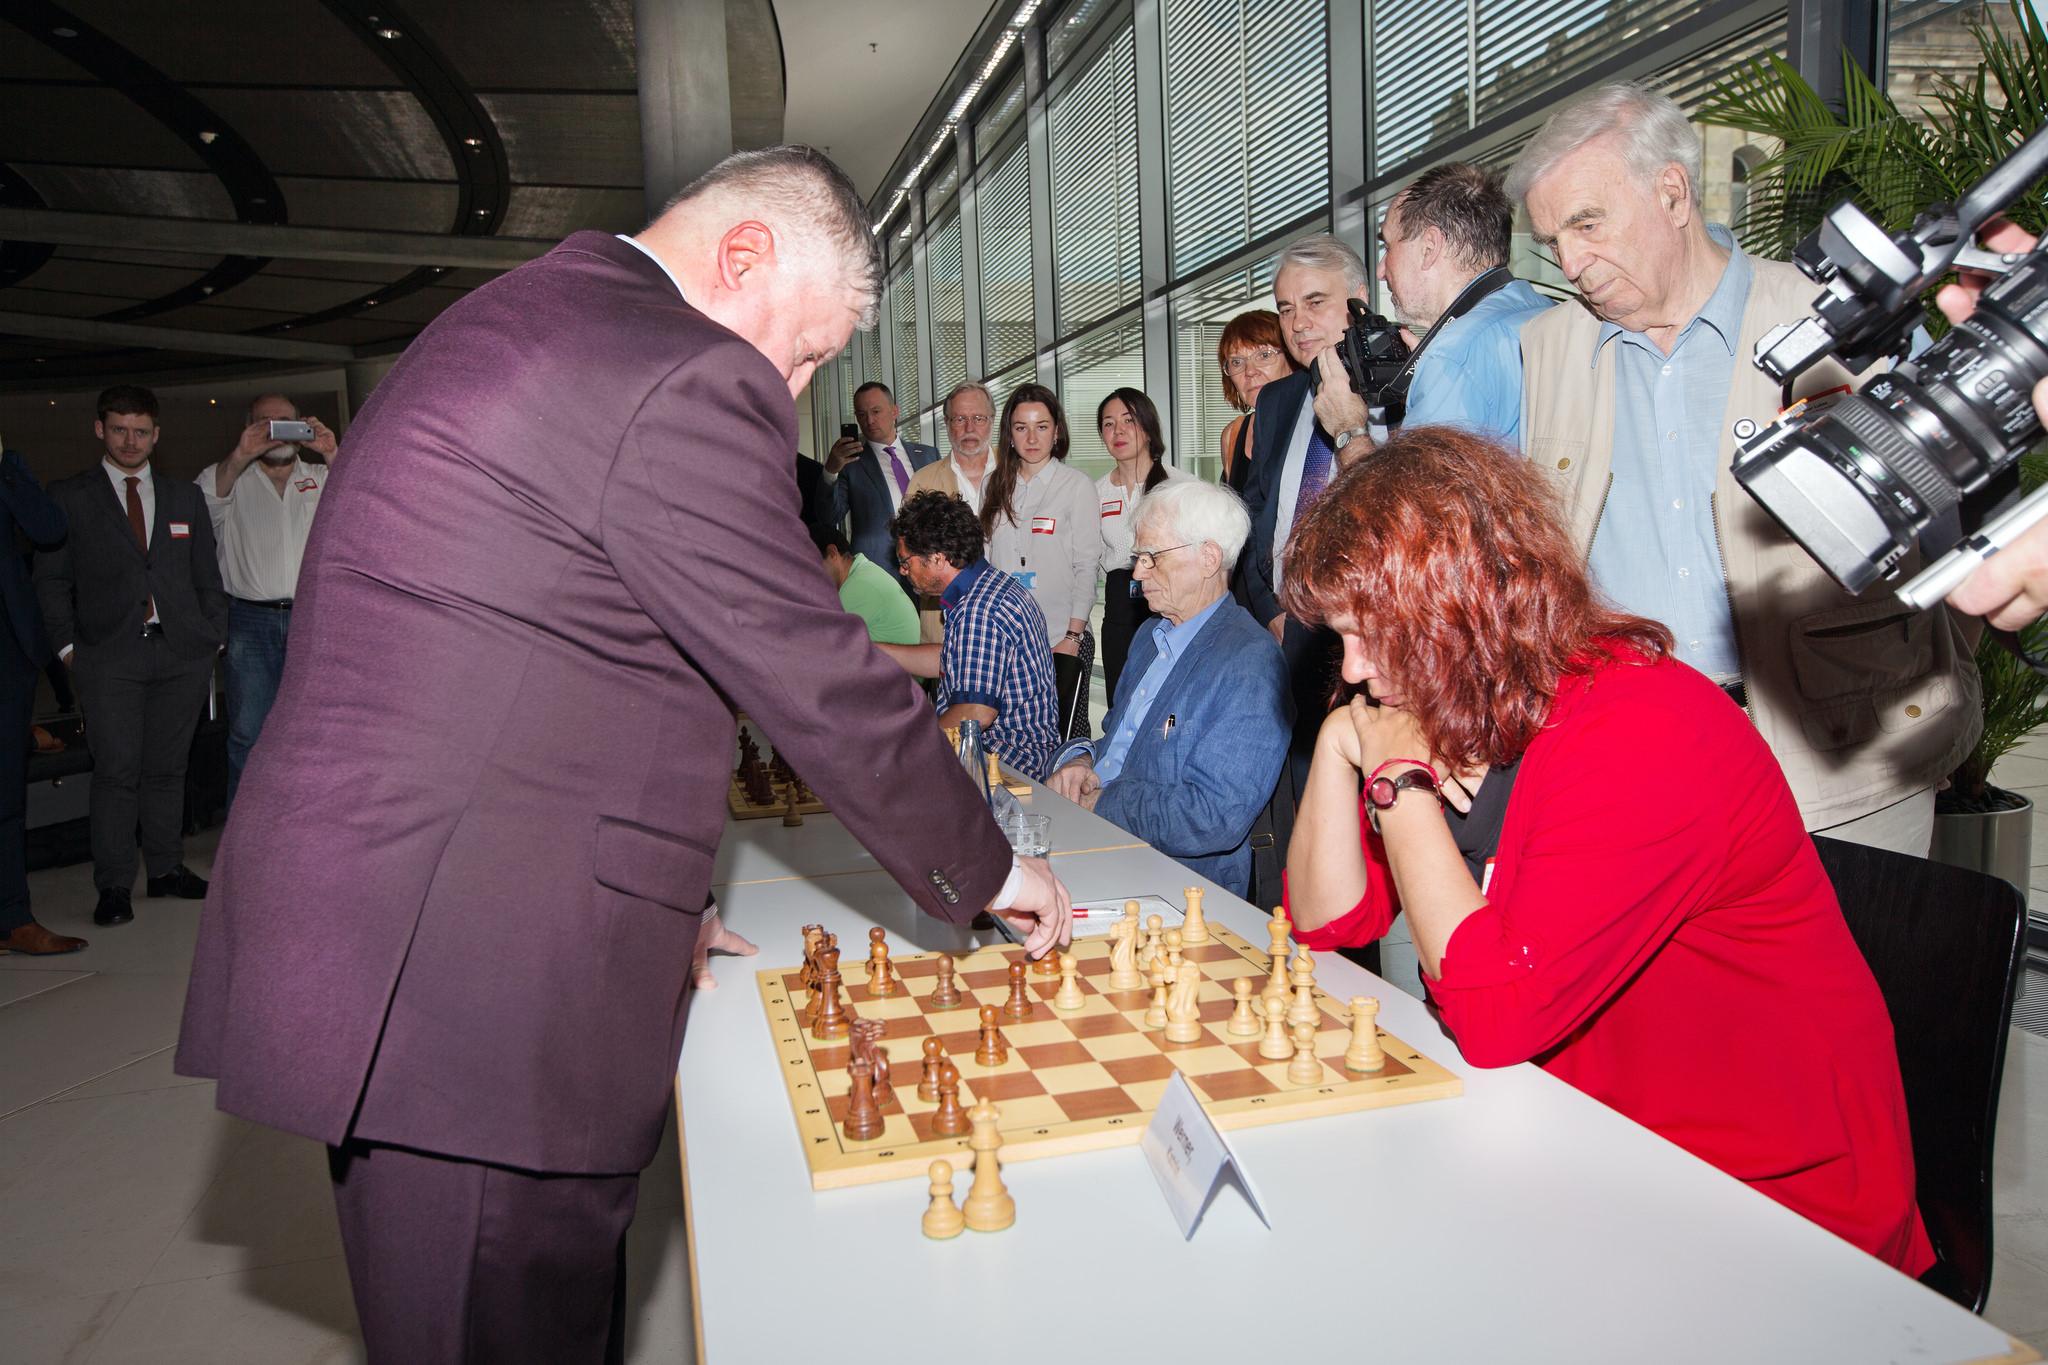 Anatoli Jewgenjewitsch Karpow und Katrin Werner spielen Schach